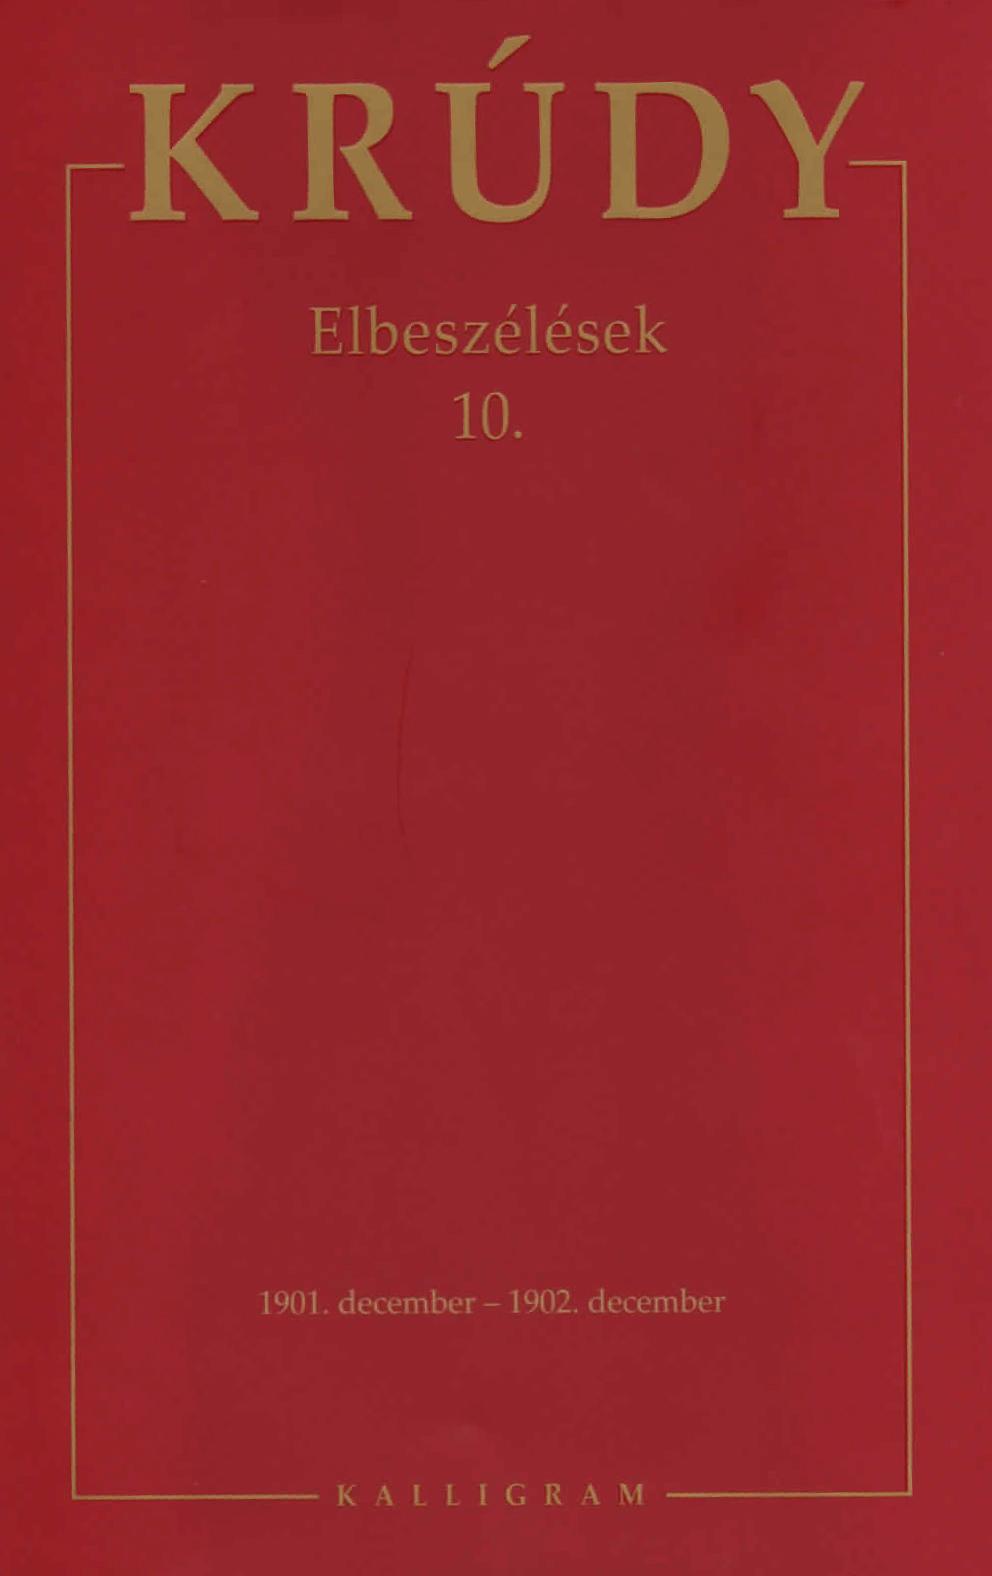 KRÚDY GYULA - ELBESZÉLÉSEK 10. - KRÚDY GYULA ÖSSZEGYŰJTÖTT MŰVEI 27.